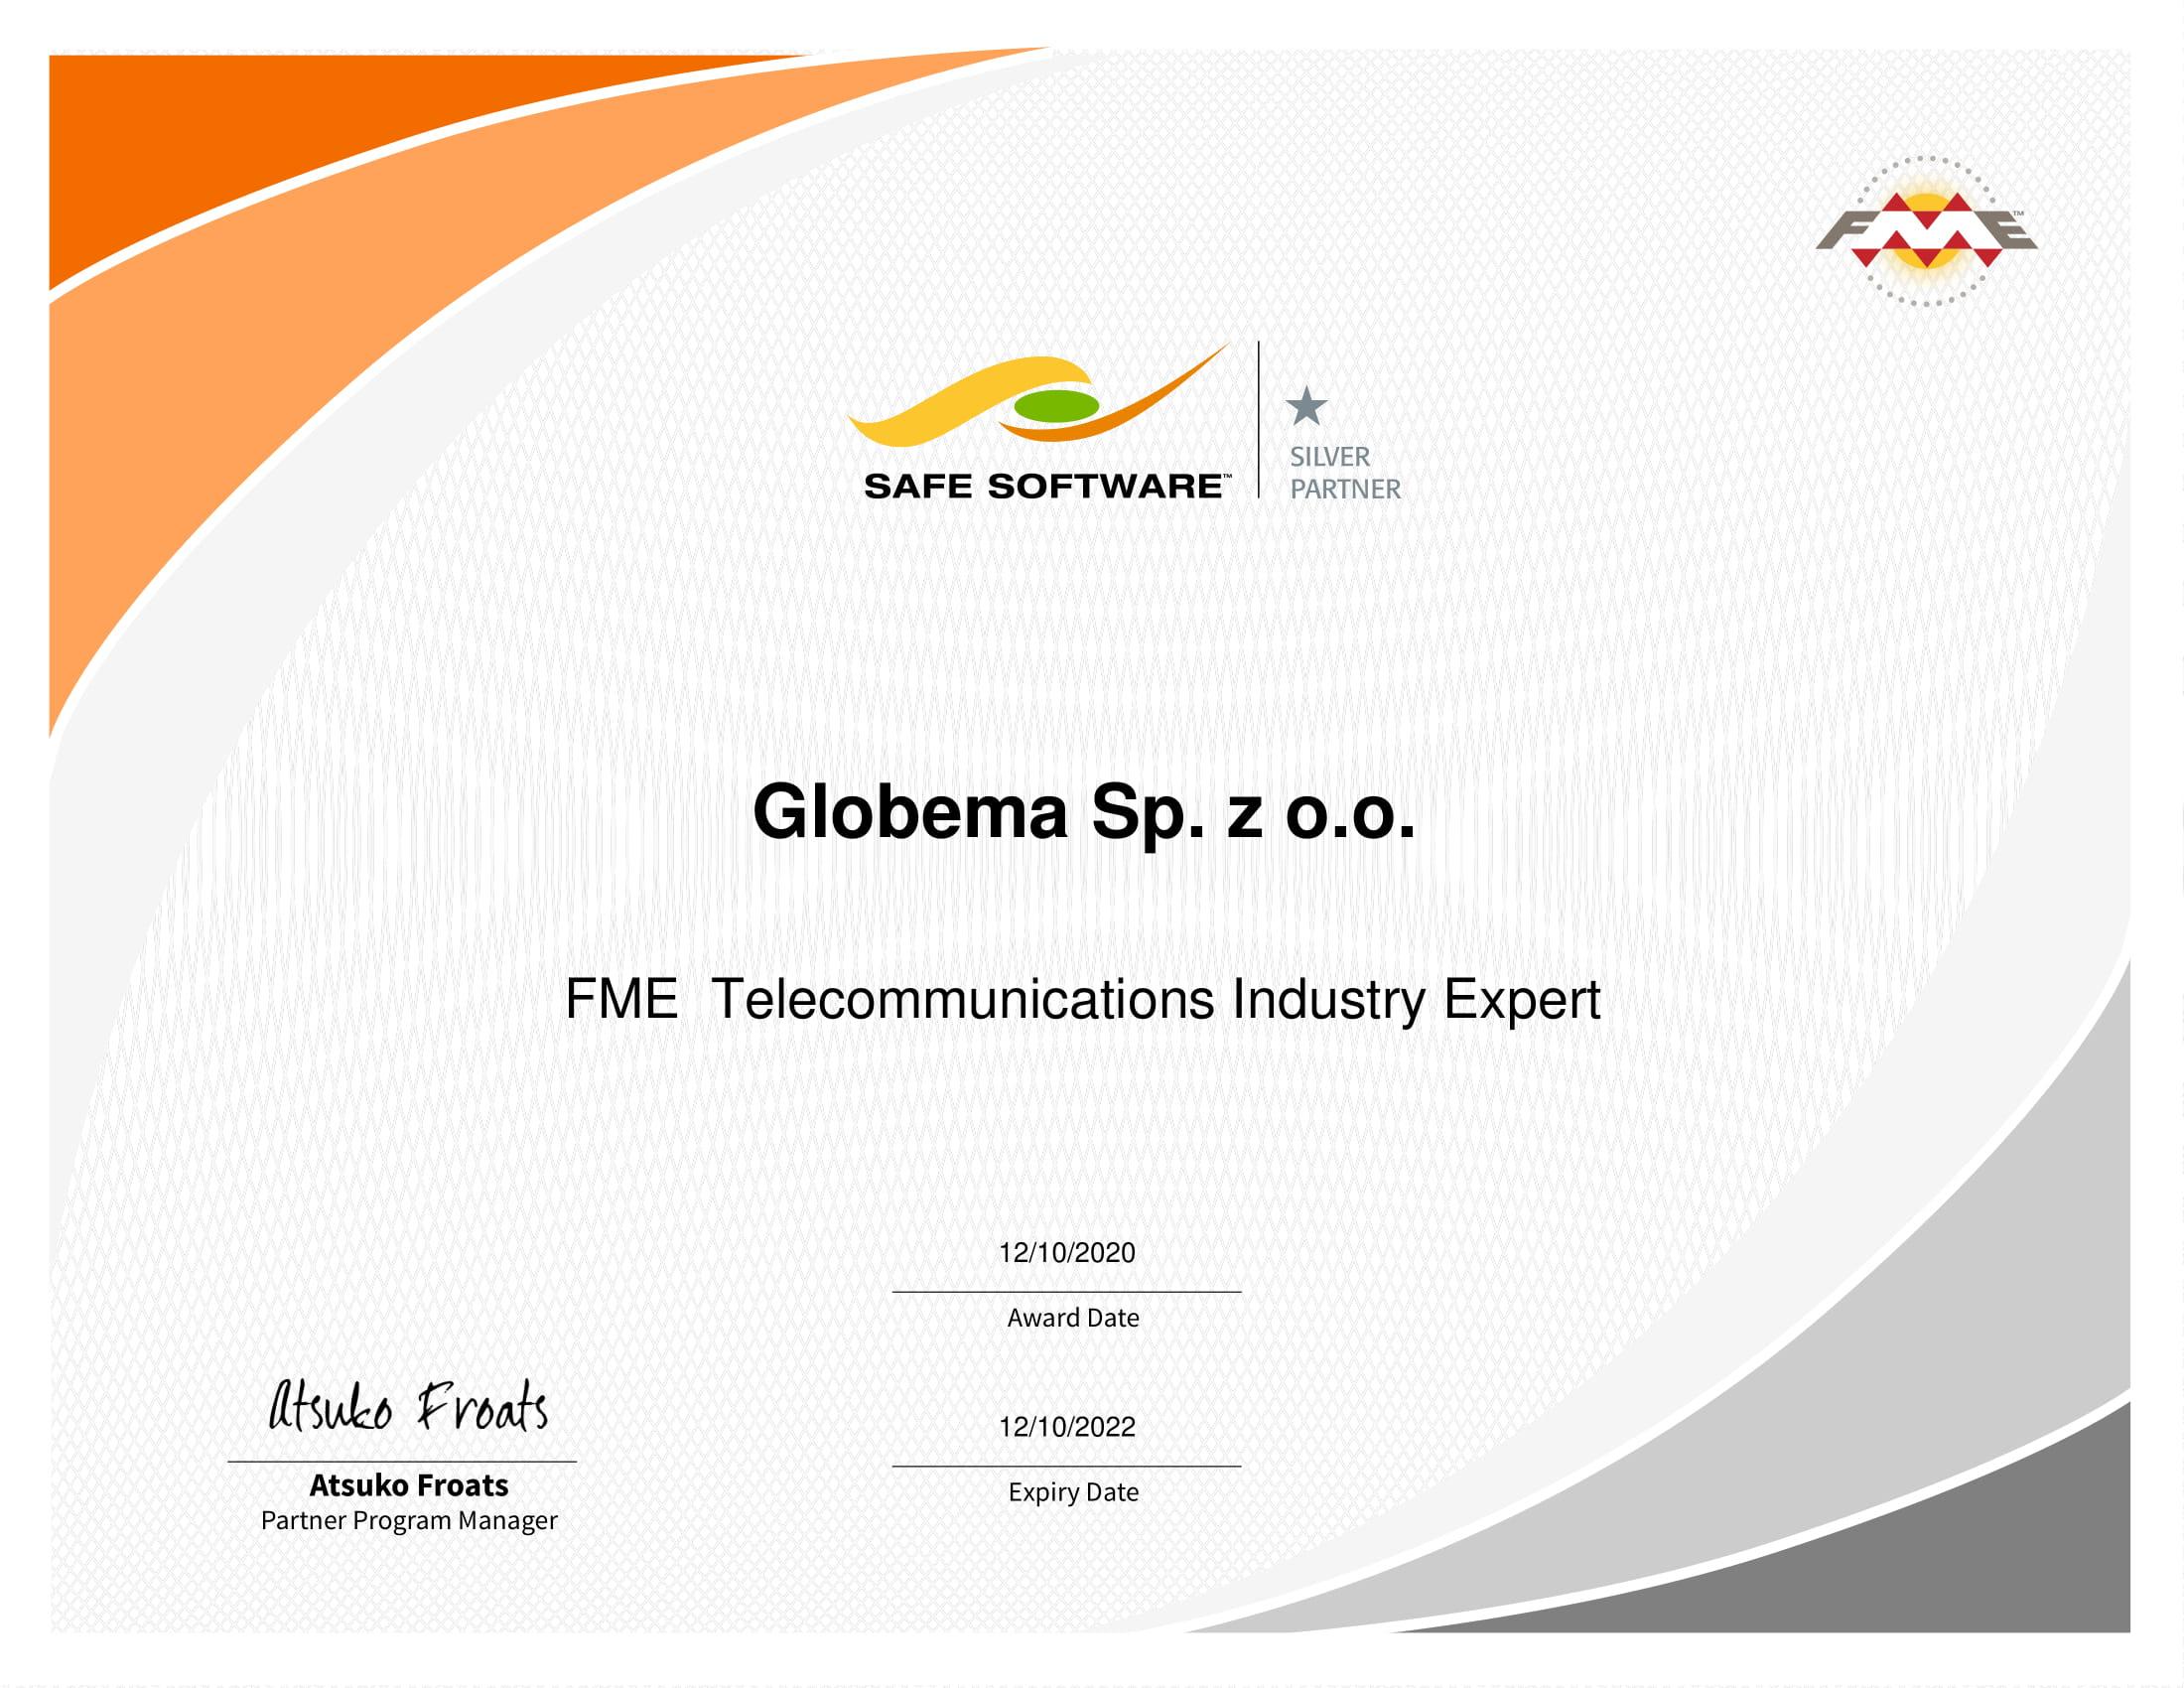 Globema - Telecommunications